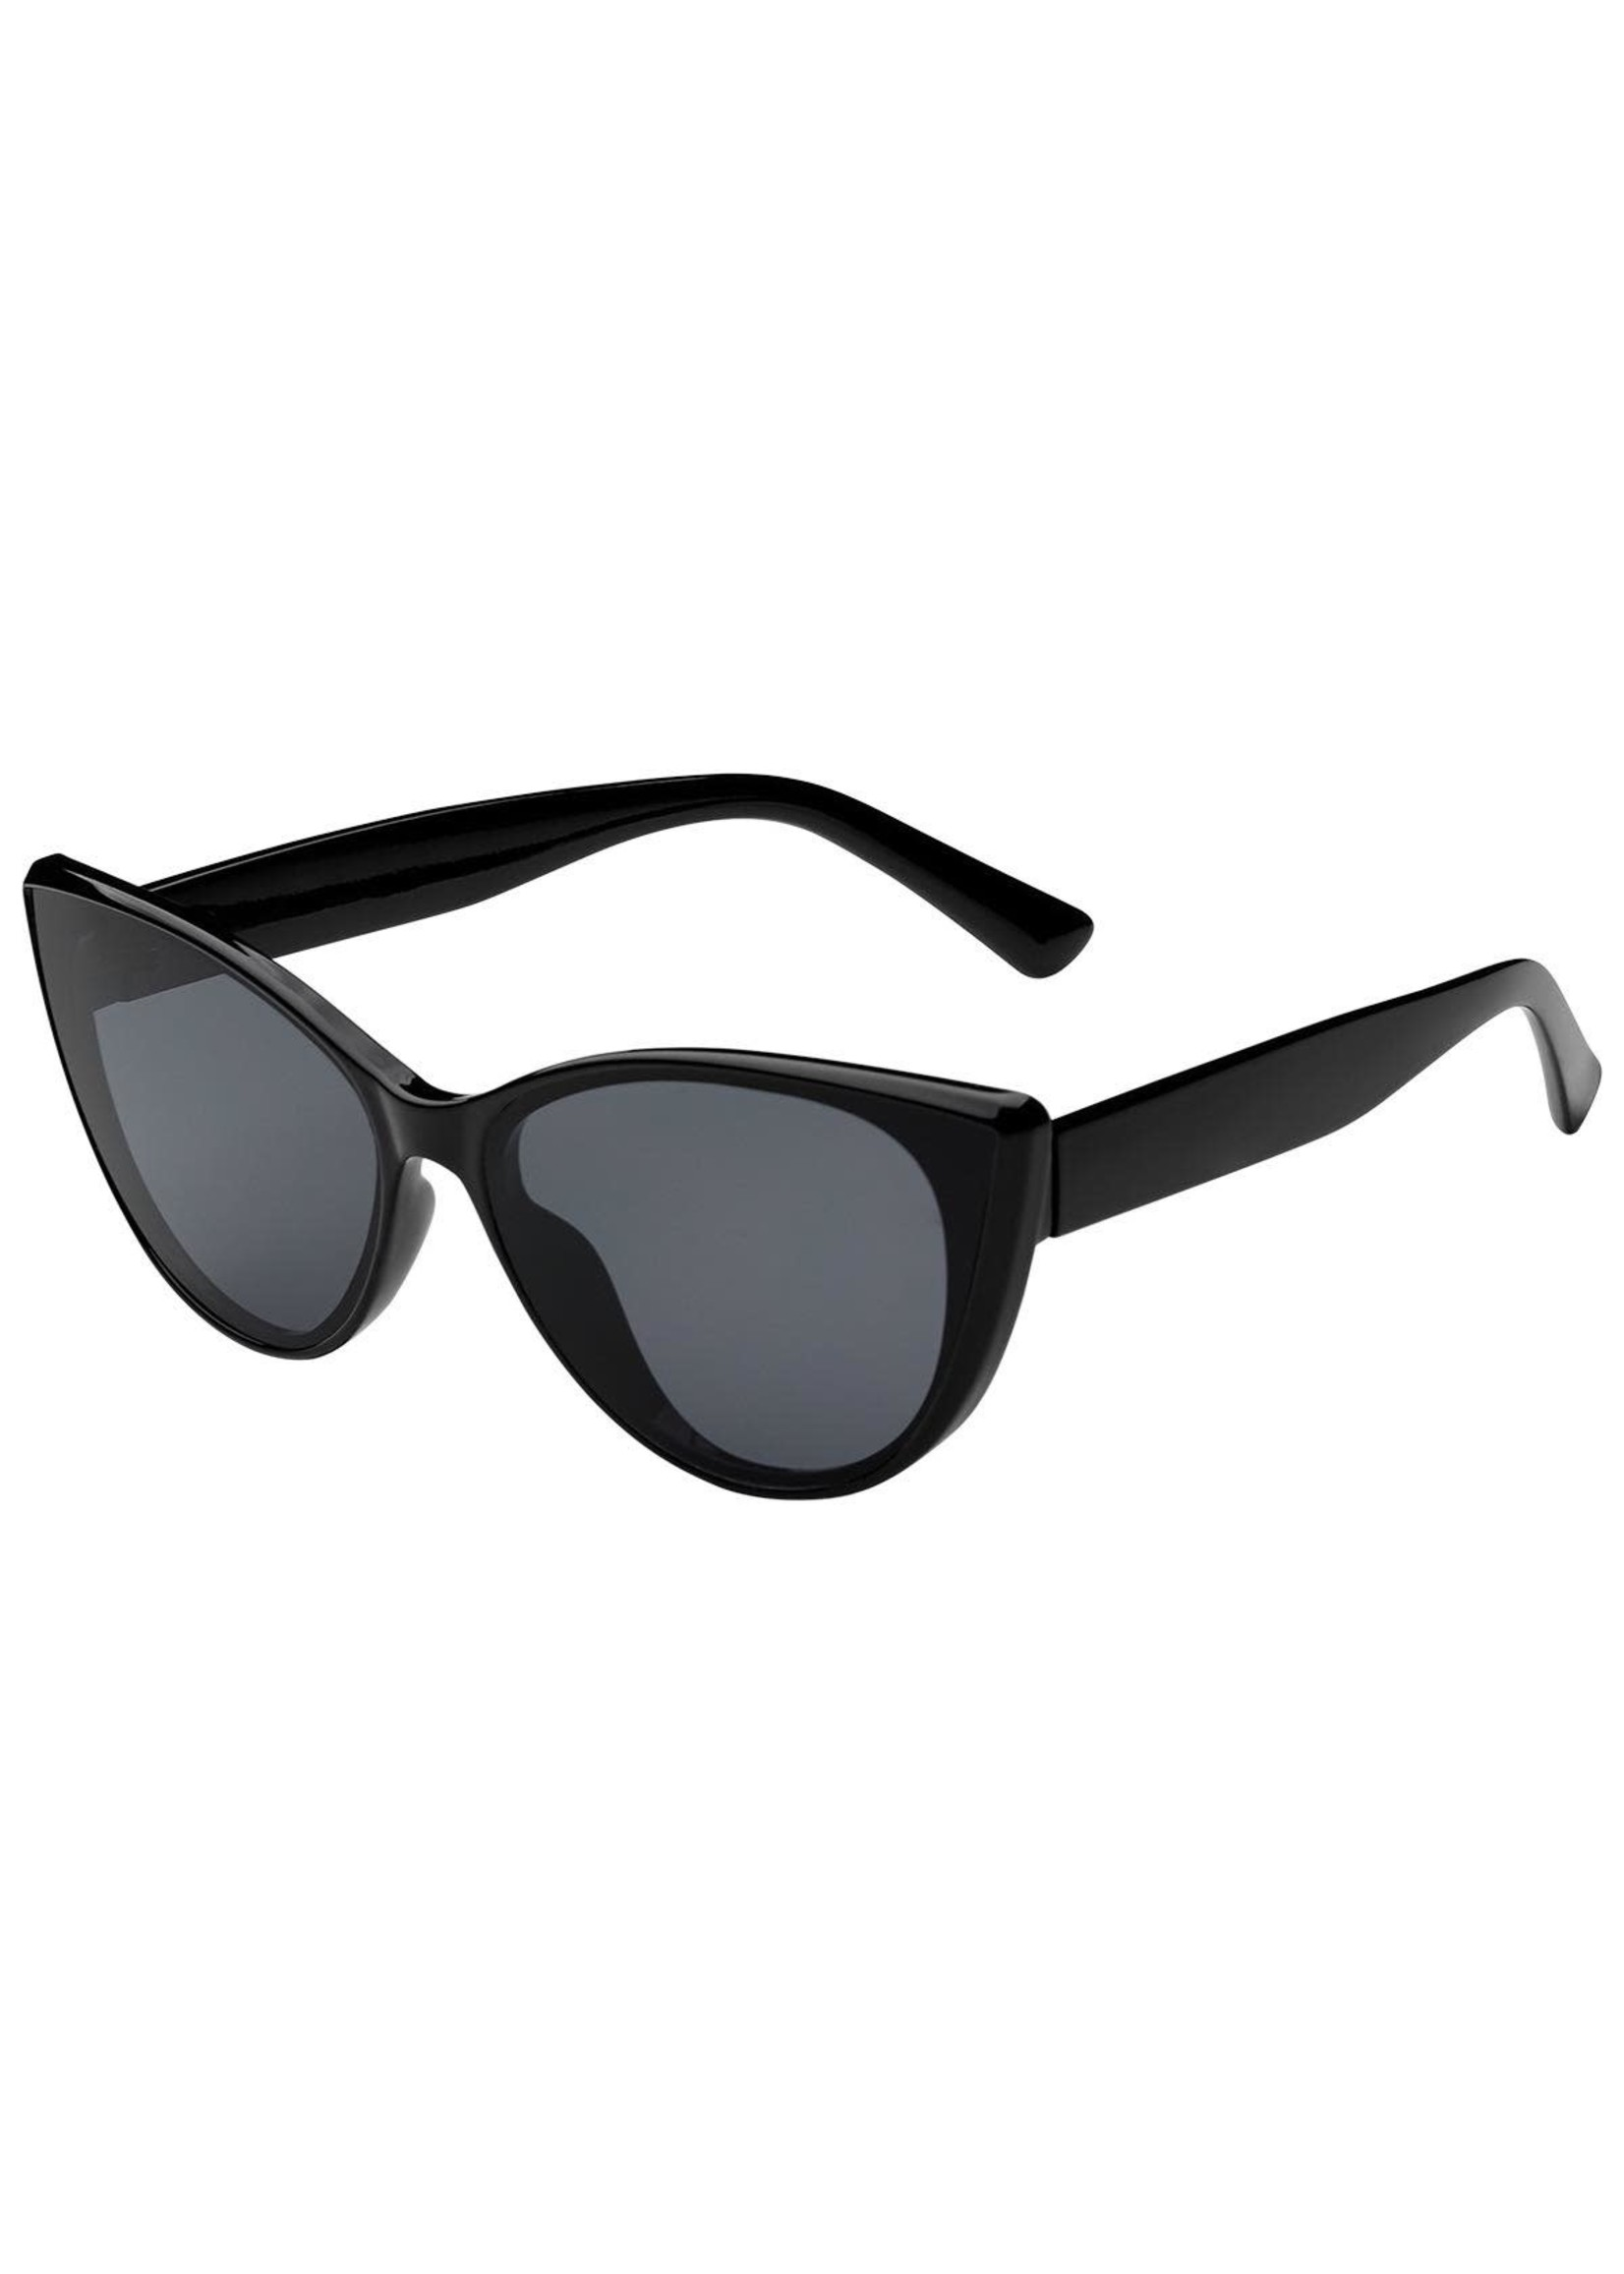 Valencia Sunglasses Cateye Black